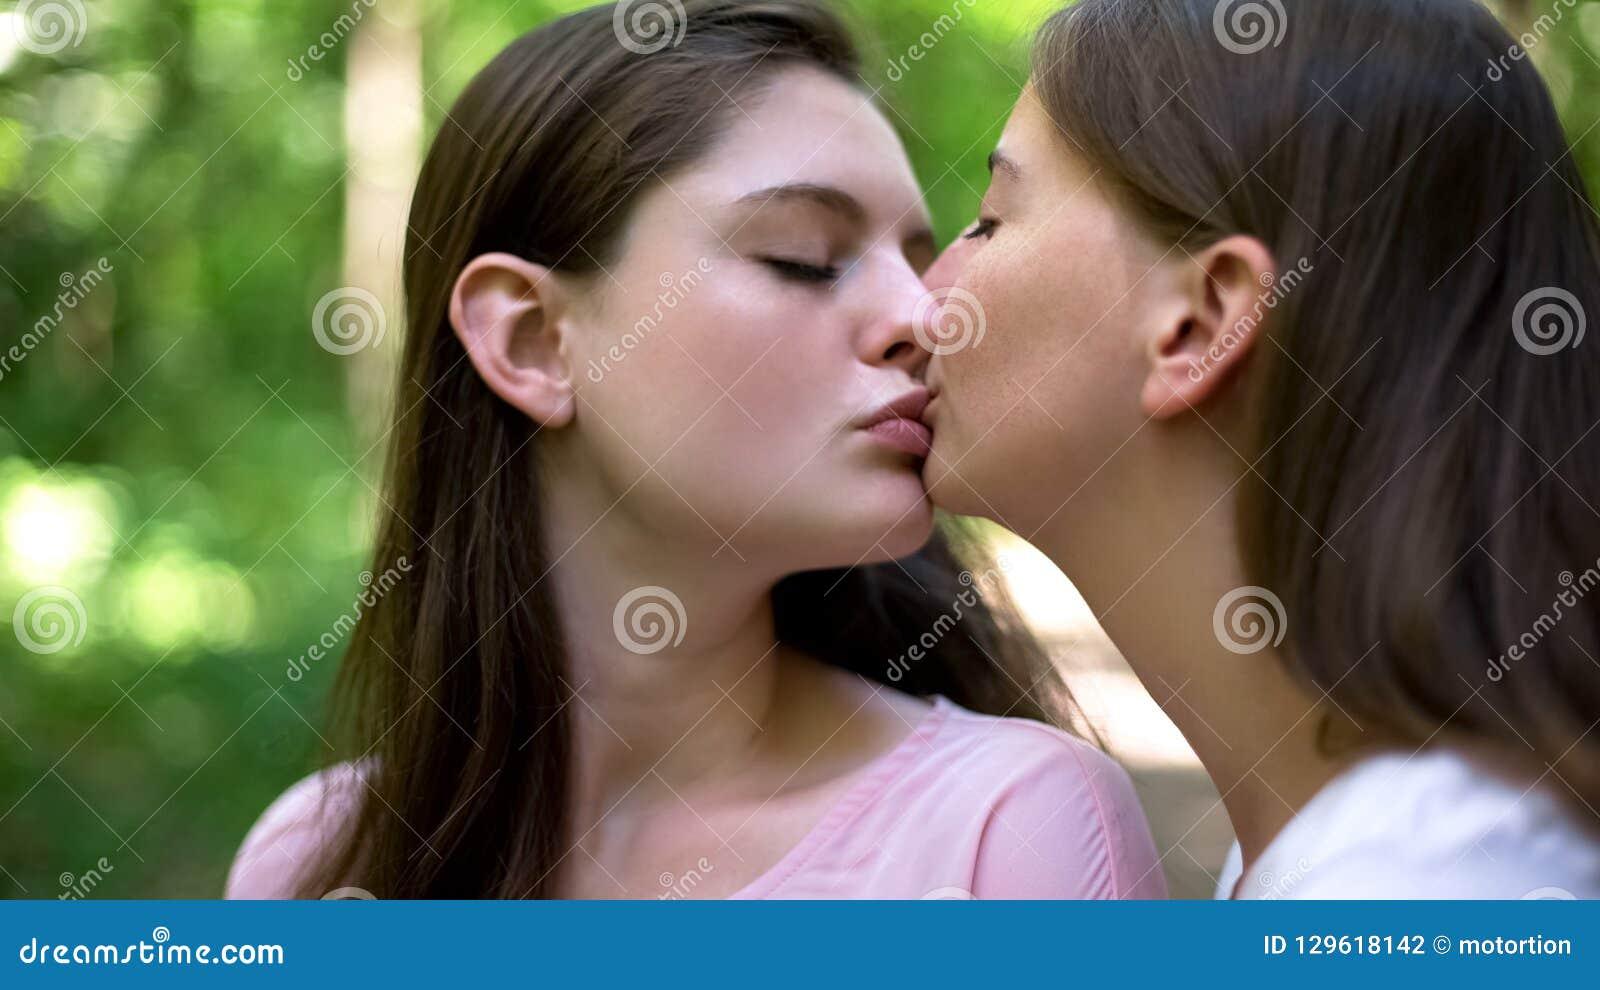 lesbian in public